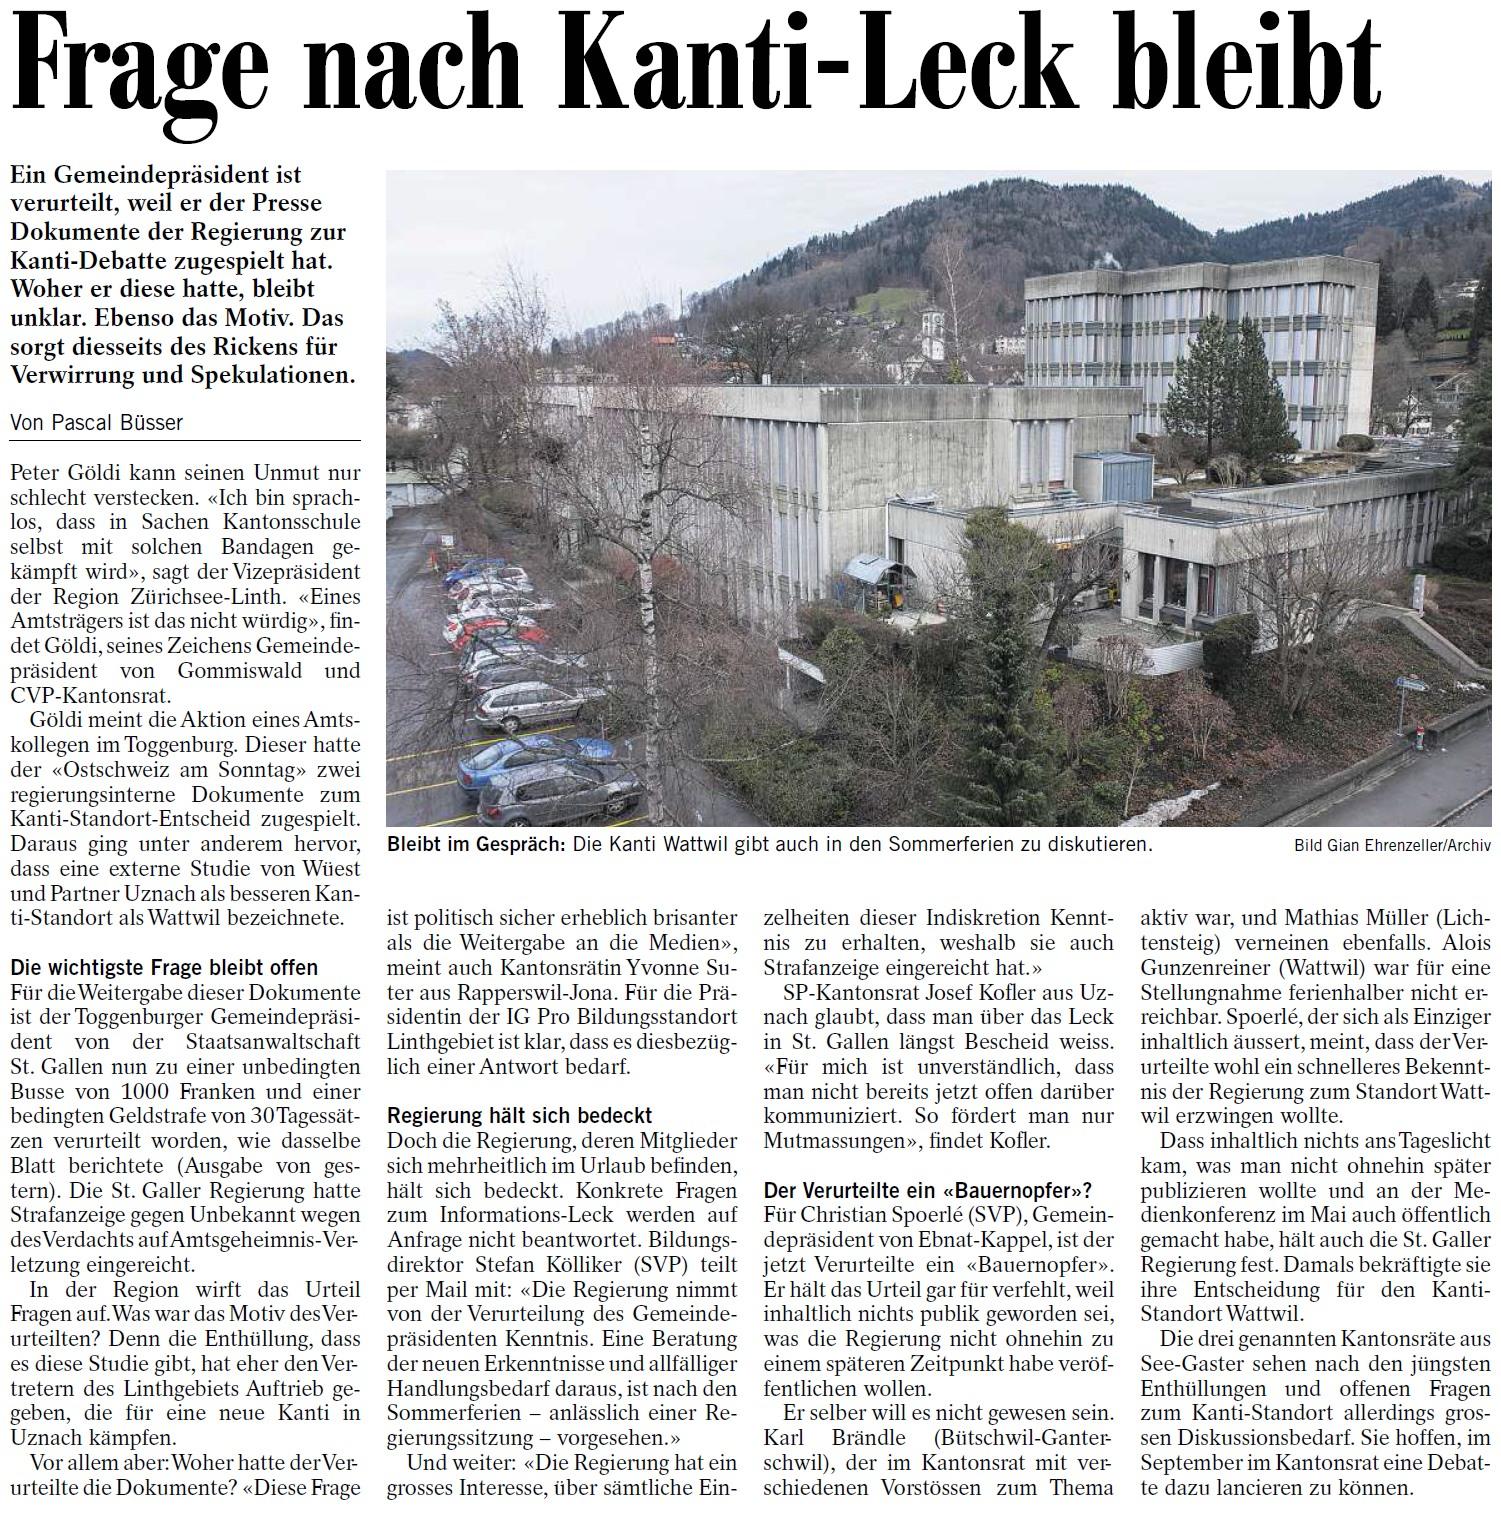 Frage nach Kanti-Leck bleibt (Dienstag, 22.07.2014)